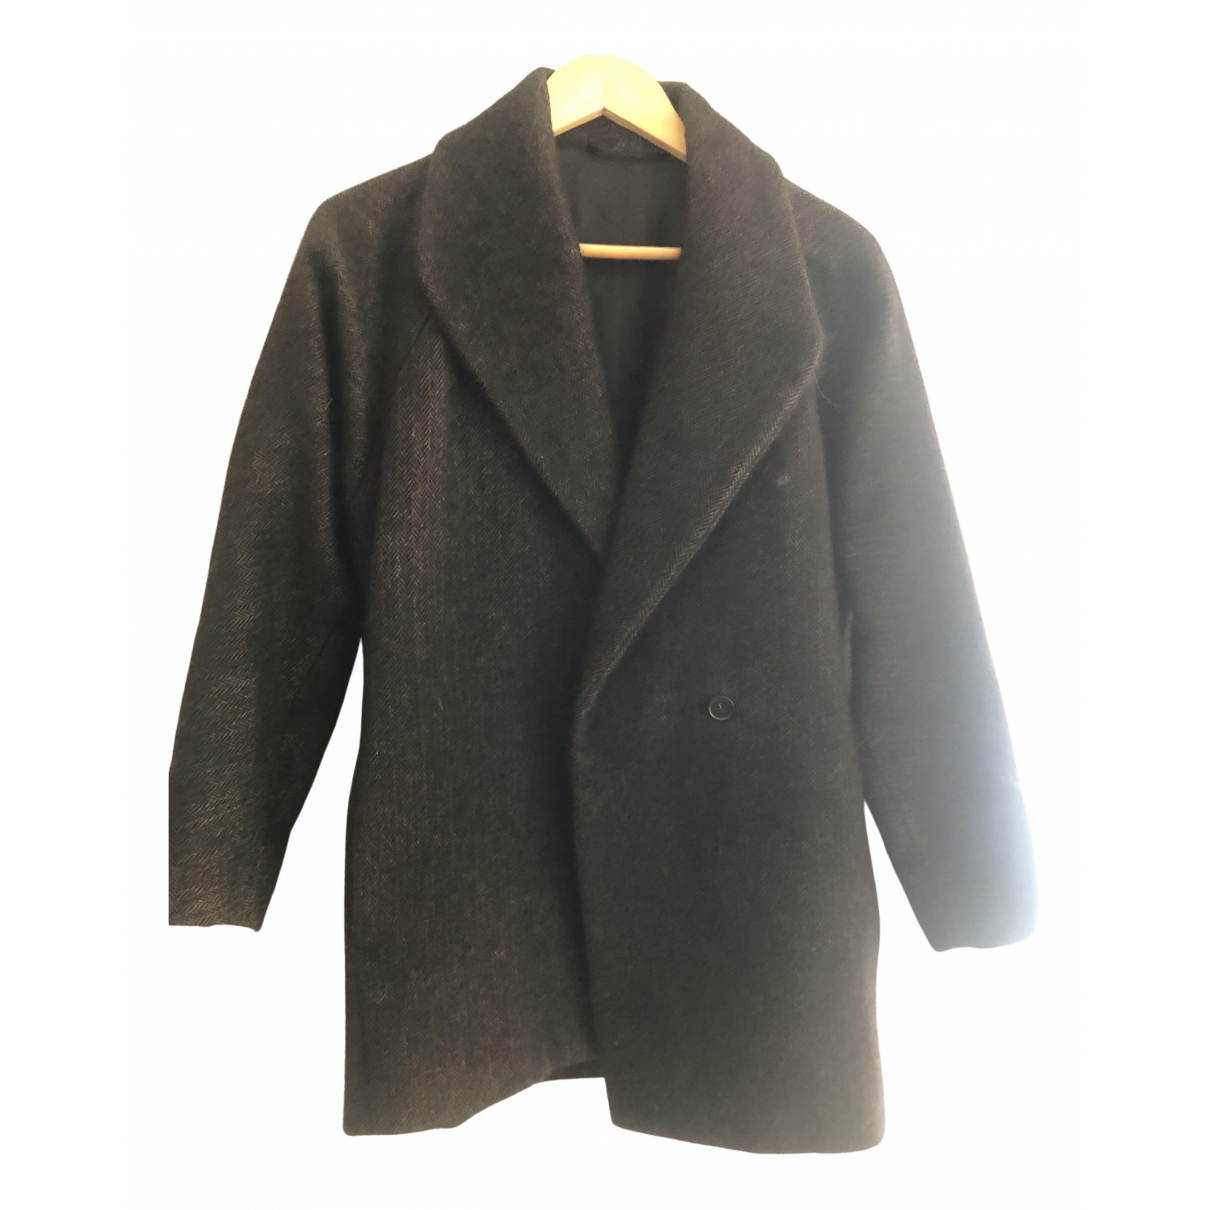 Maison Martin Margiela - Manteau   pour femme en cachemire - gris